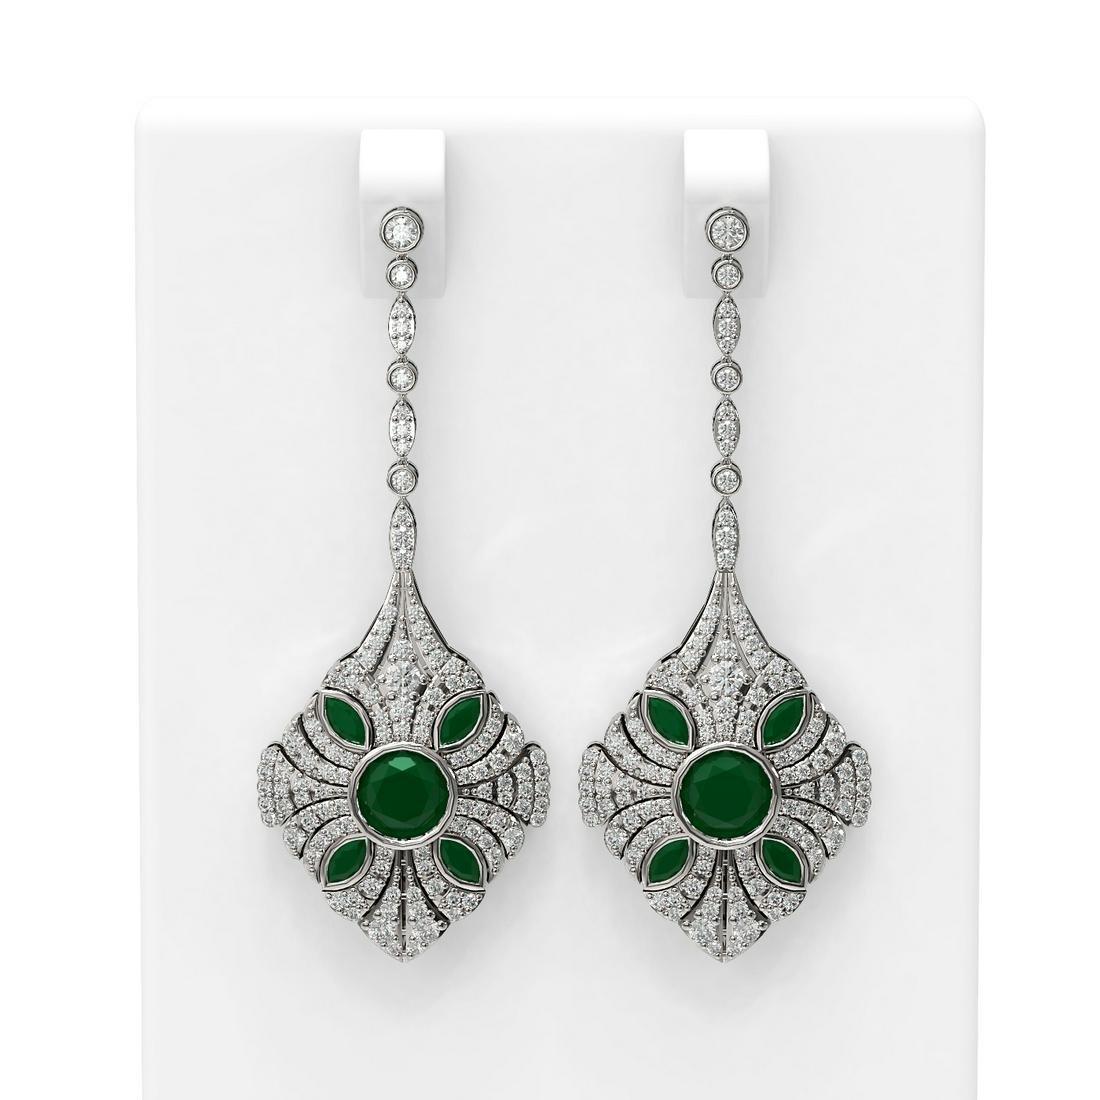 4.19 ctw Emerald & Diamond Earrings 18K White Gold -